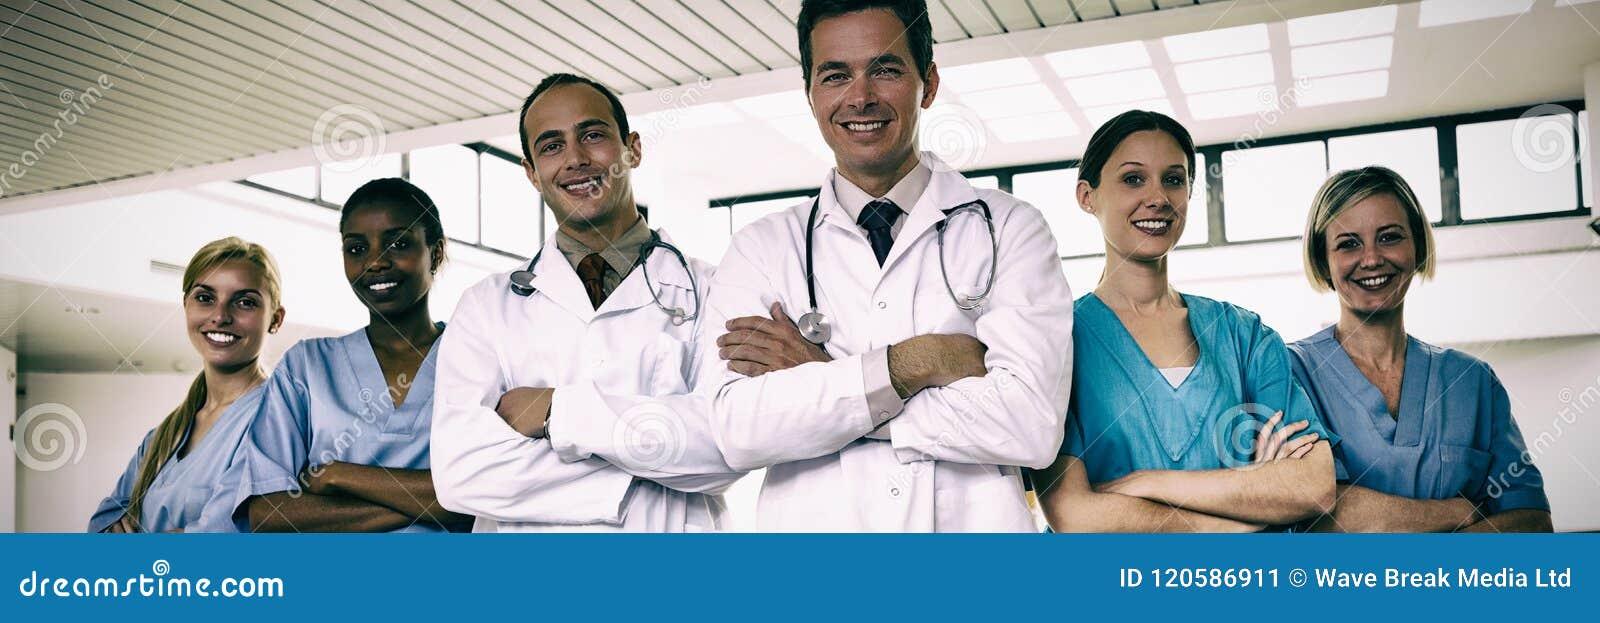 Stående av doktorer och sjuksköterskor med korsade armar